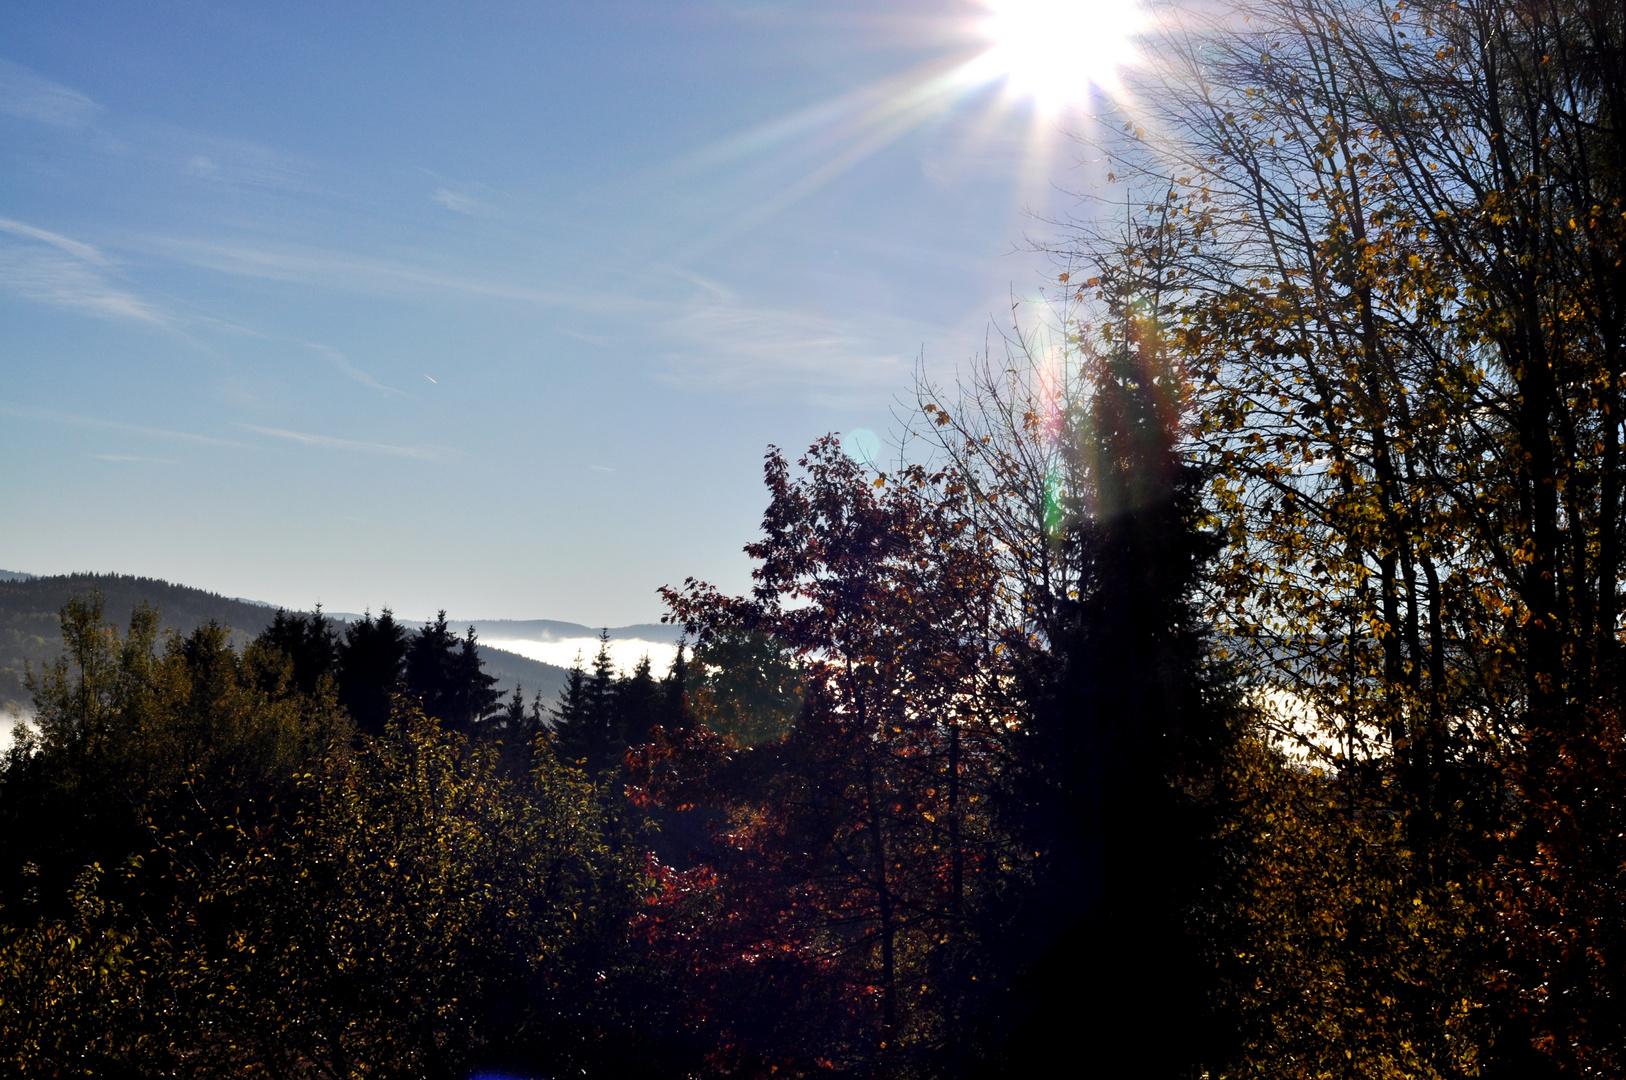 Herbstliches Spiel von Licht, Farben und Nebel...02